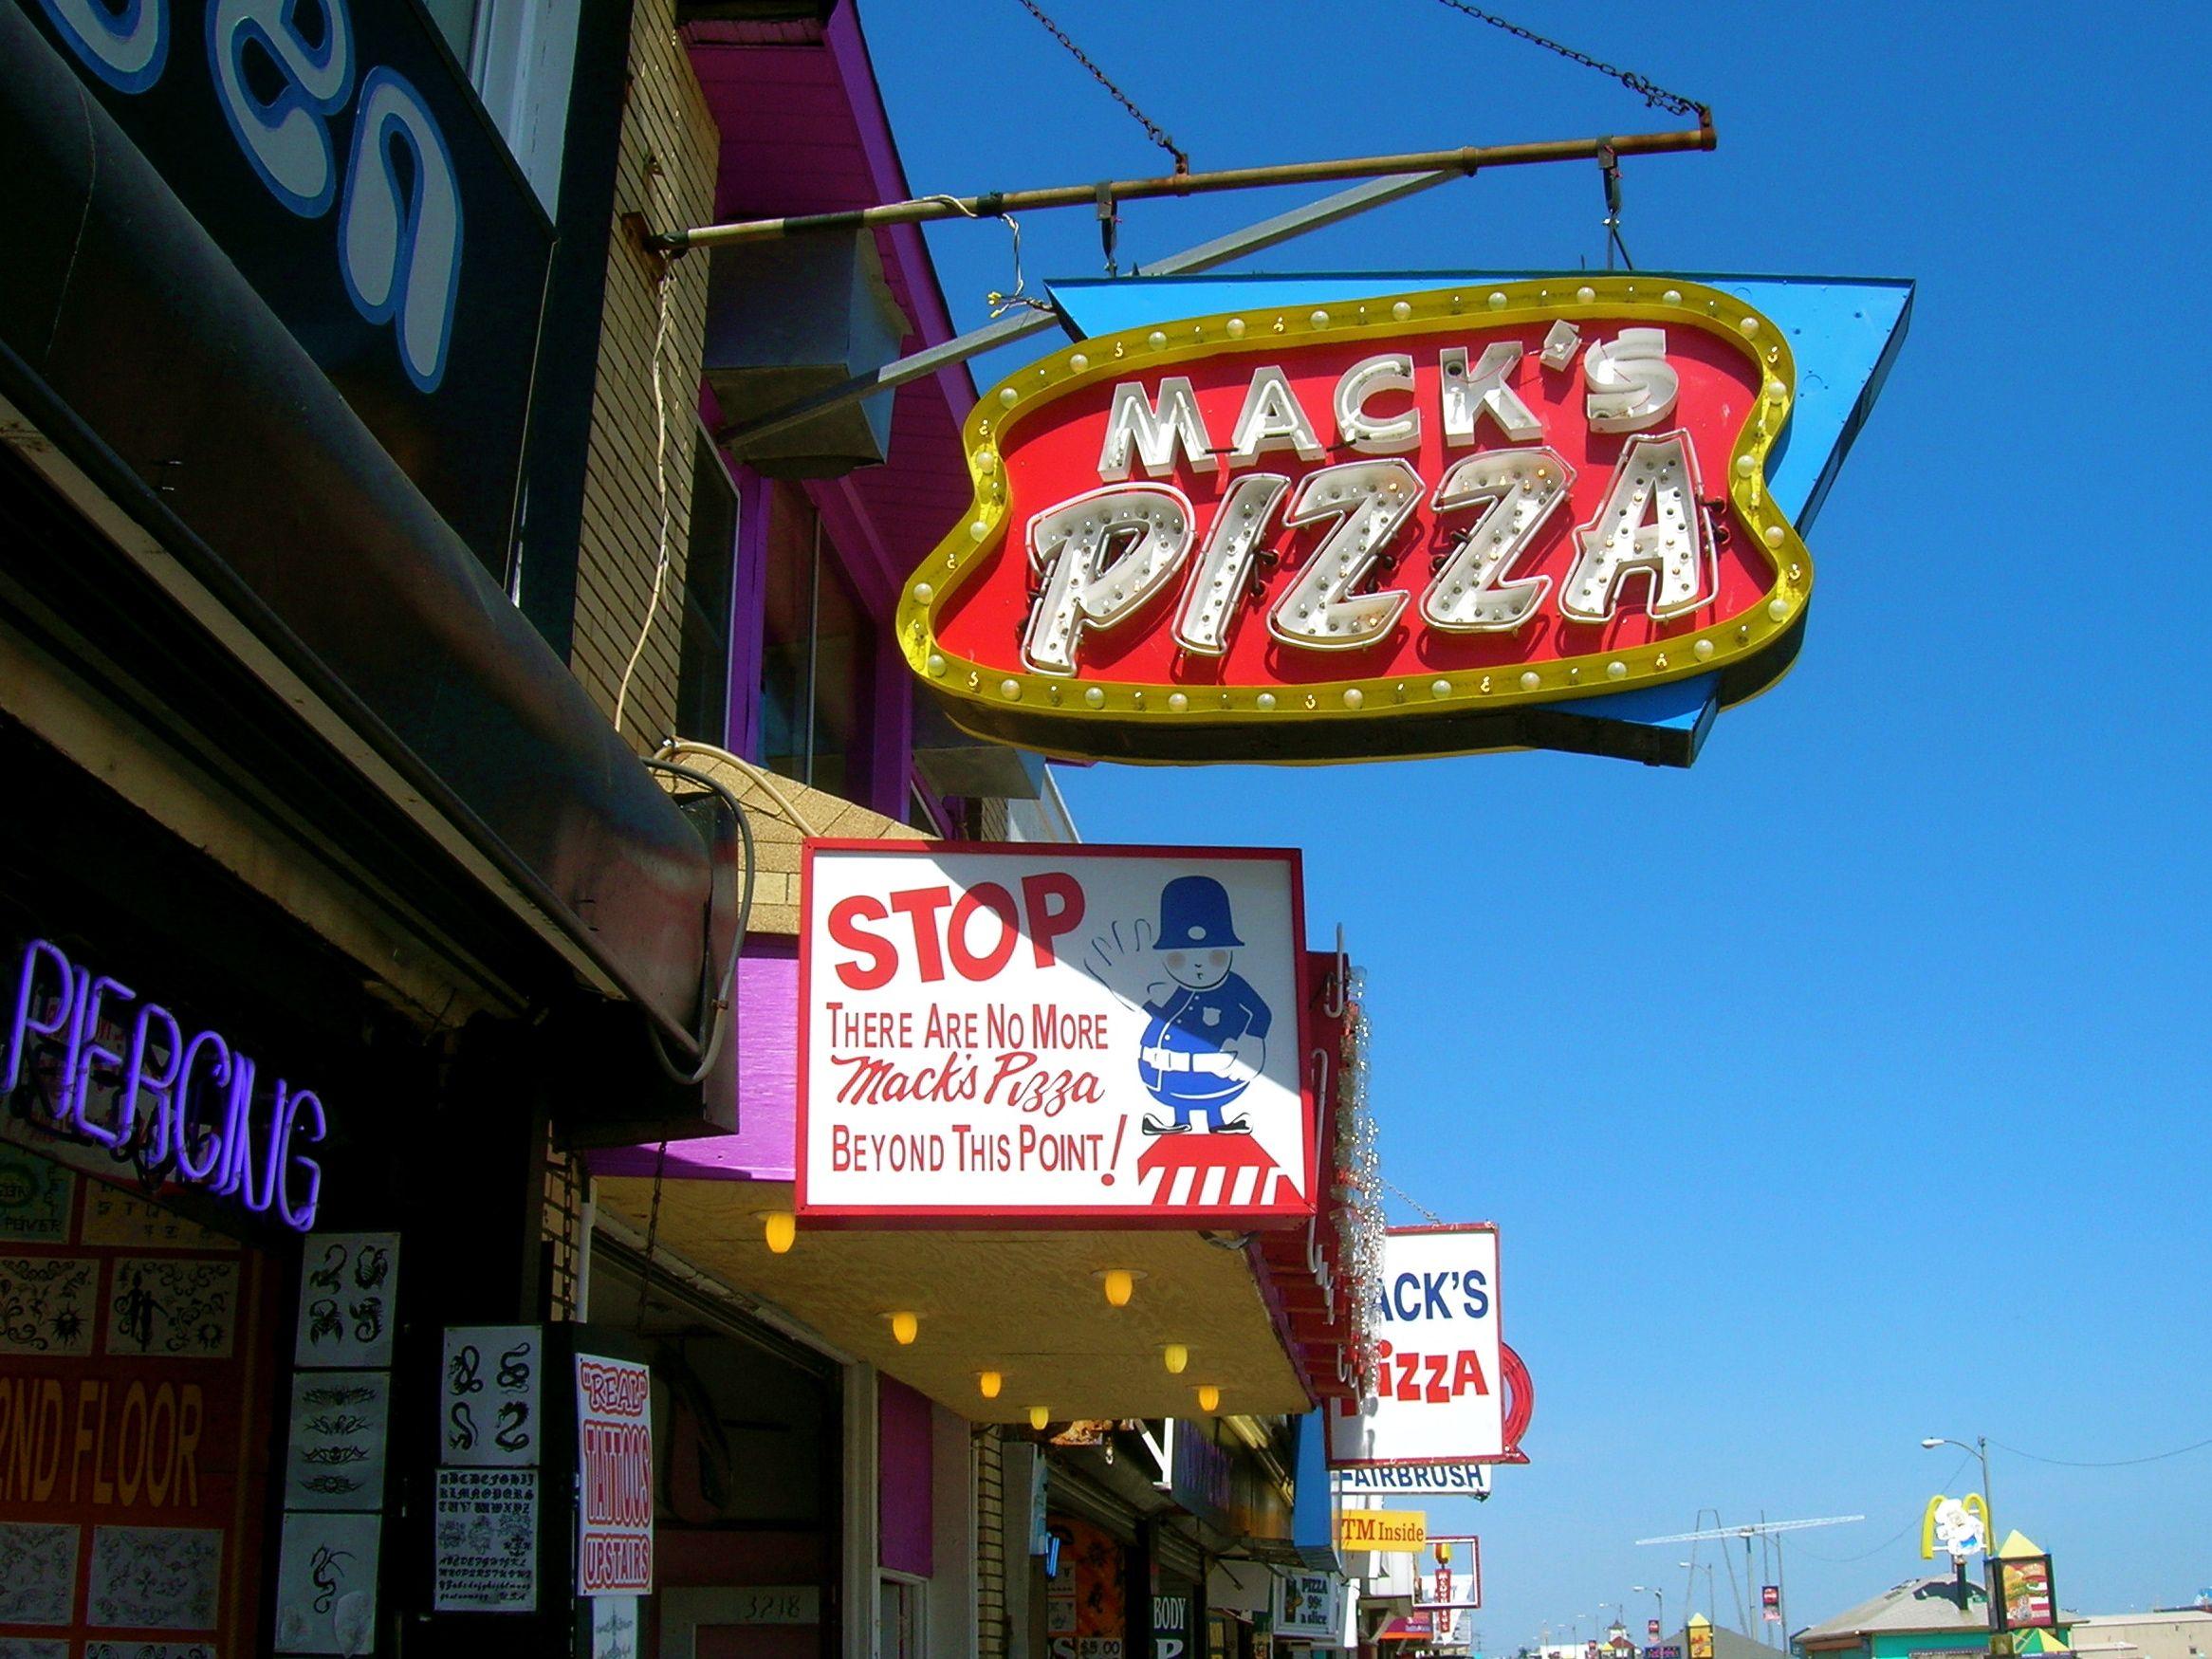 Mack S Pizza Wildwood Nj Hands Down The Best Pizza Ever Wildwood Boardwalk Wildwood Nj Wildwood